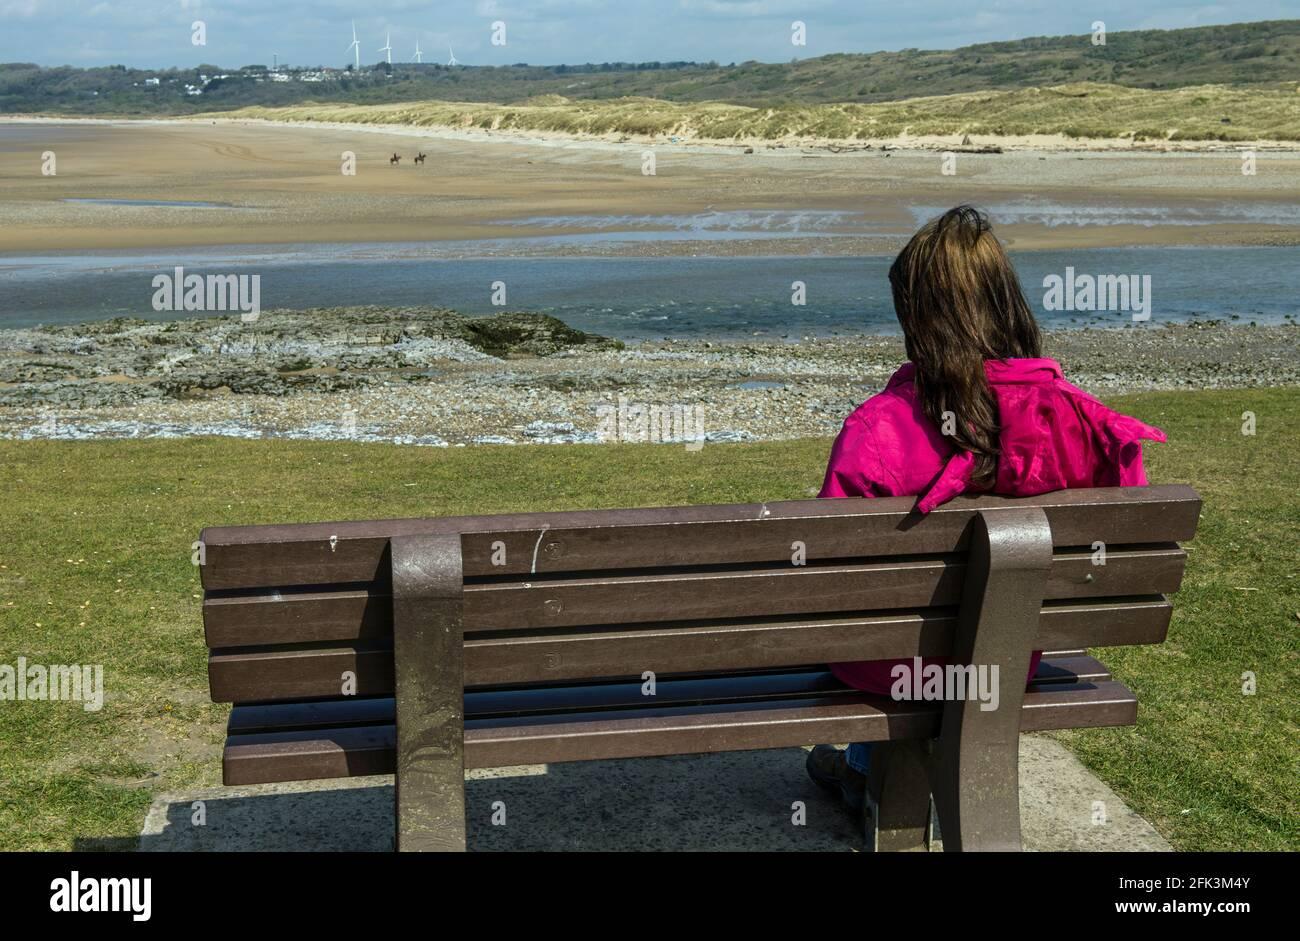 Dame de l'autre côté de l'estuaire de la rivière Ogmore à Ogmore by Sea sur la côte du patrimoine de Glamourgan, au sud du pays de Galles Banque D'Images